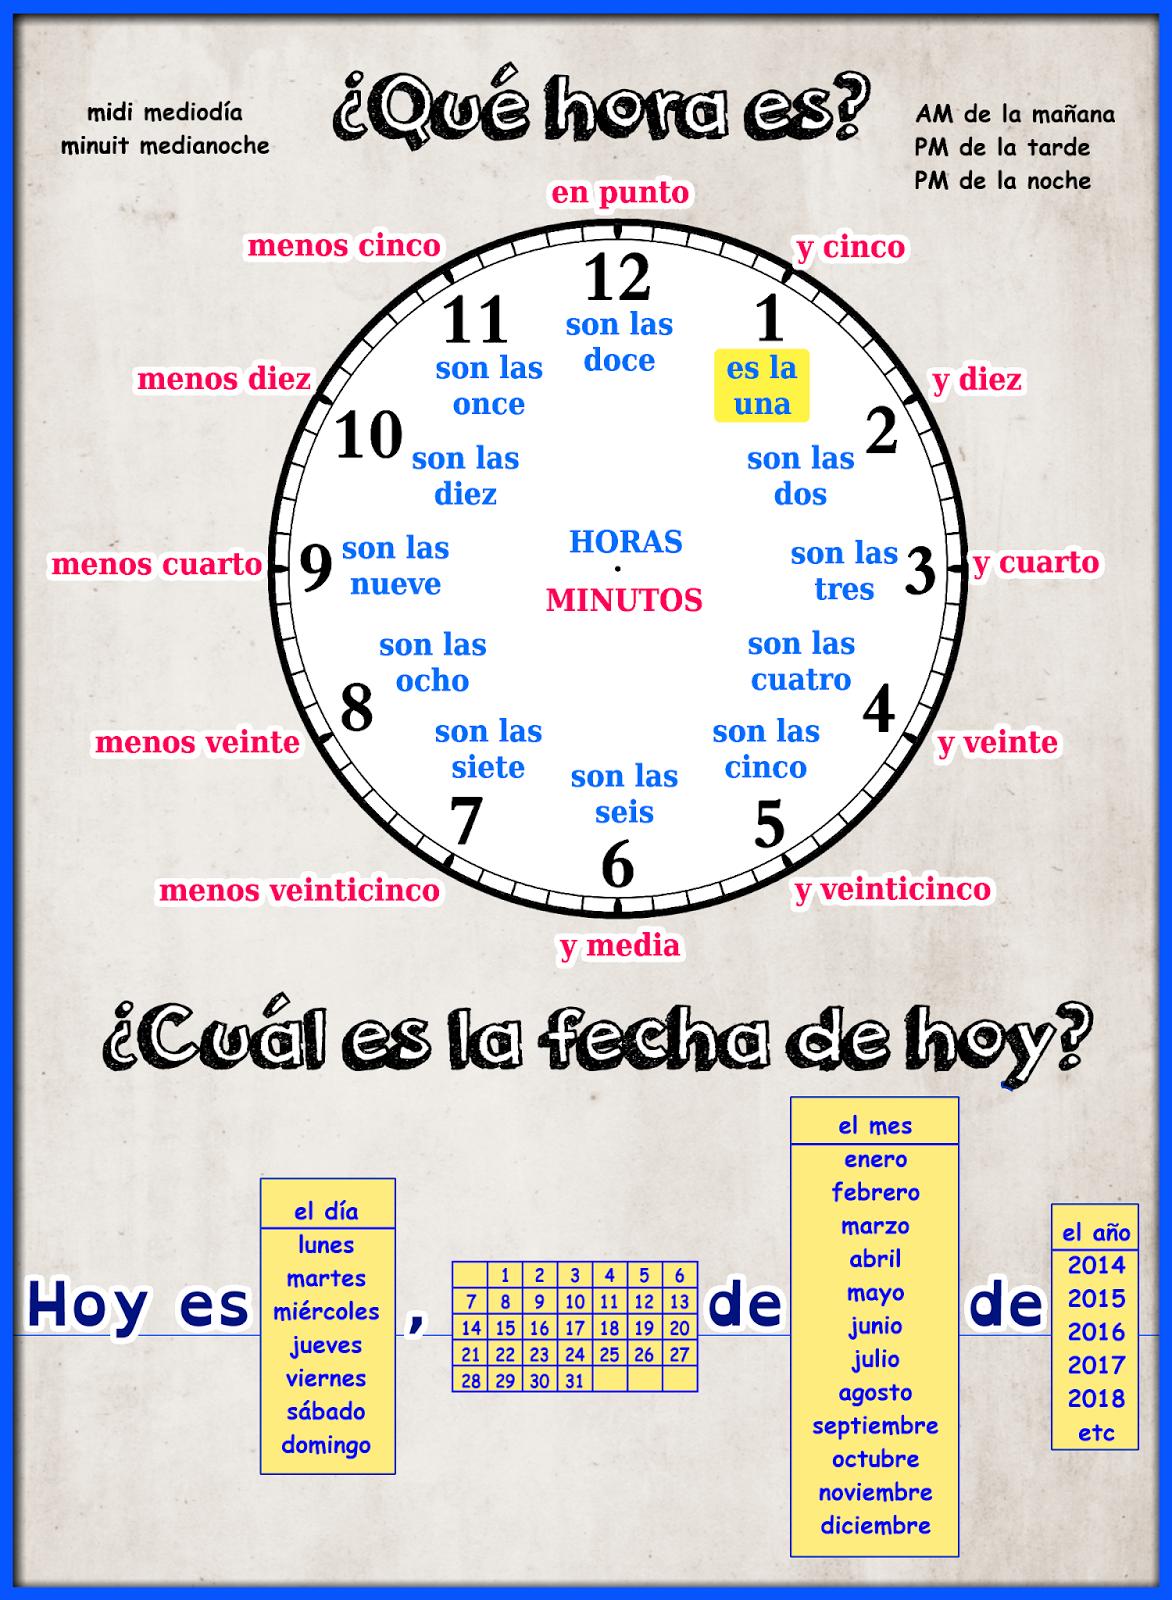 La Hora En Espanol Related Keywords & Suggestions - La Hora En Espanol ...